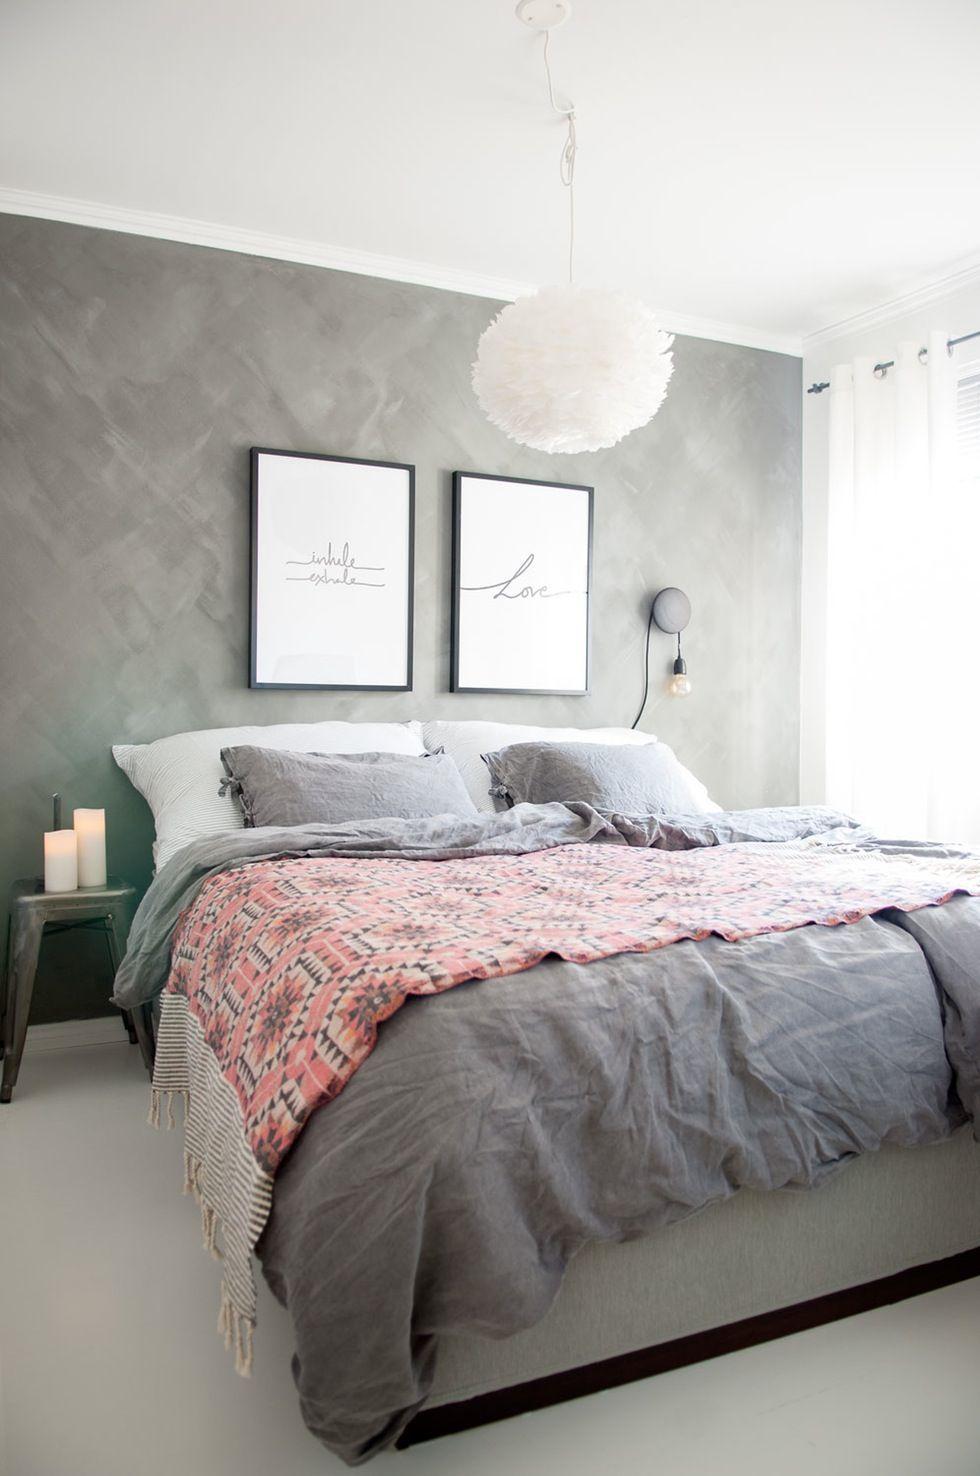 blanco - Decoracion De Interiores Dormitorios